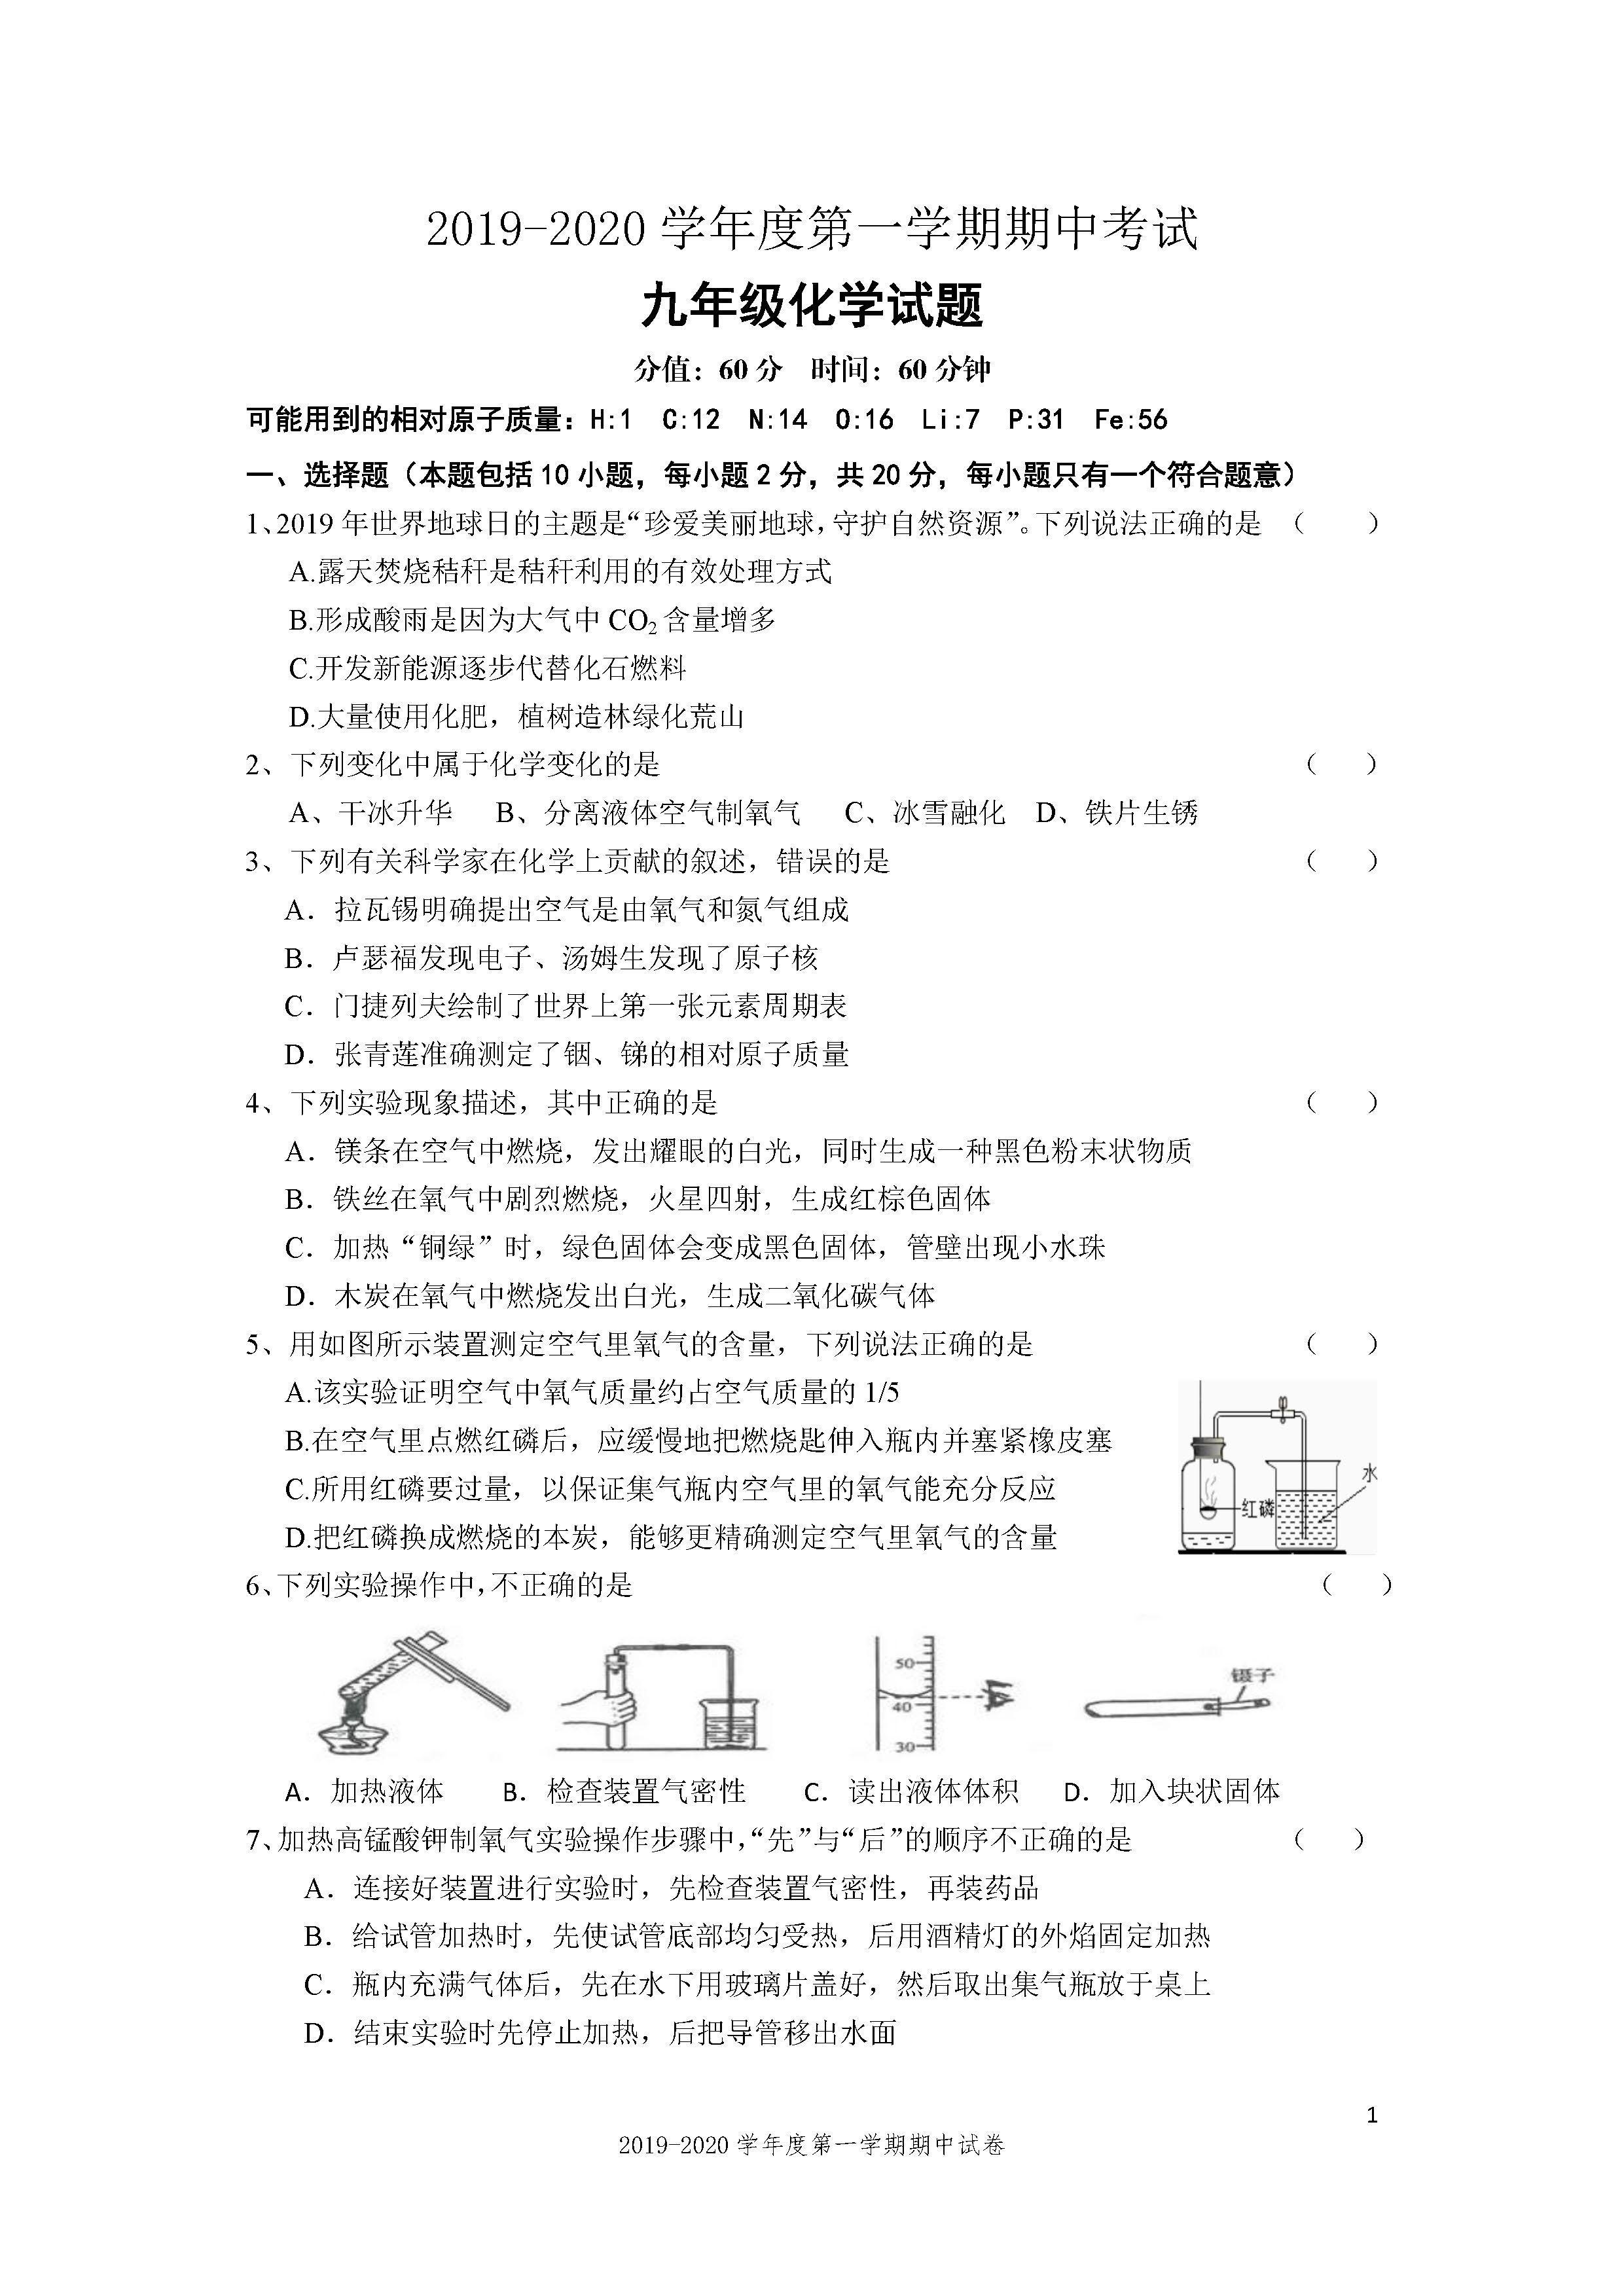 2019-2020徐州市睢宁县初三期中化学模拟试题及答案(PDF下载版)